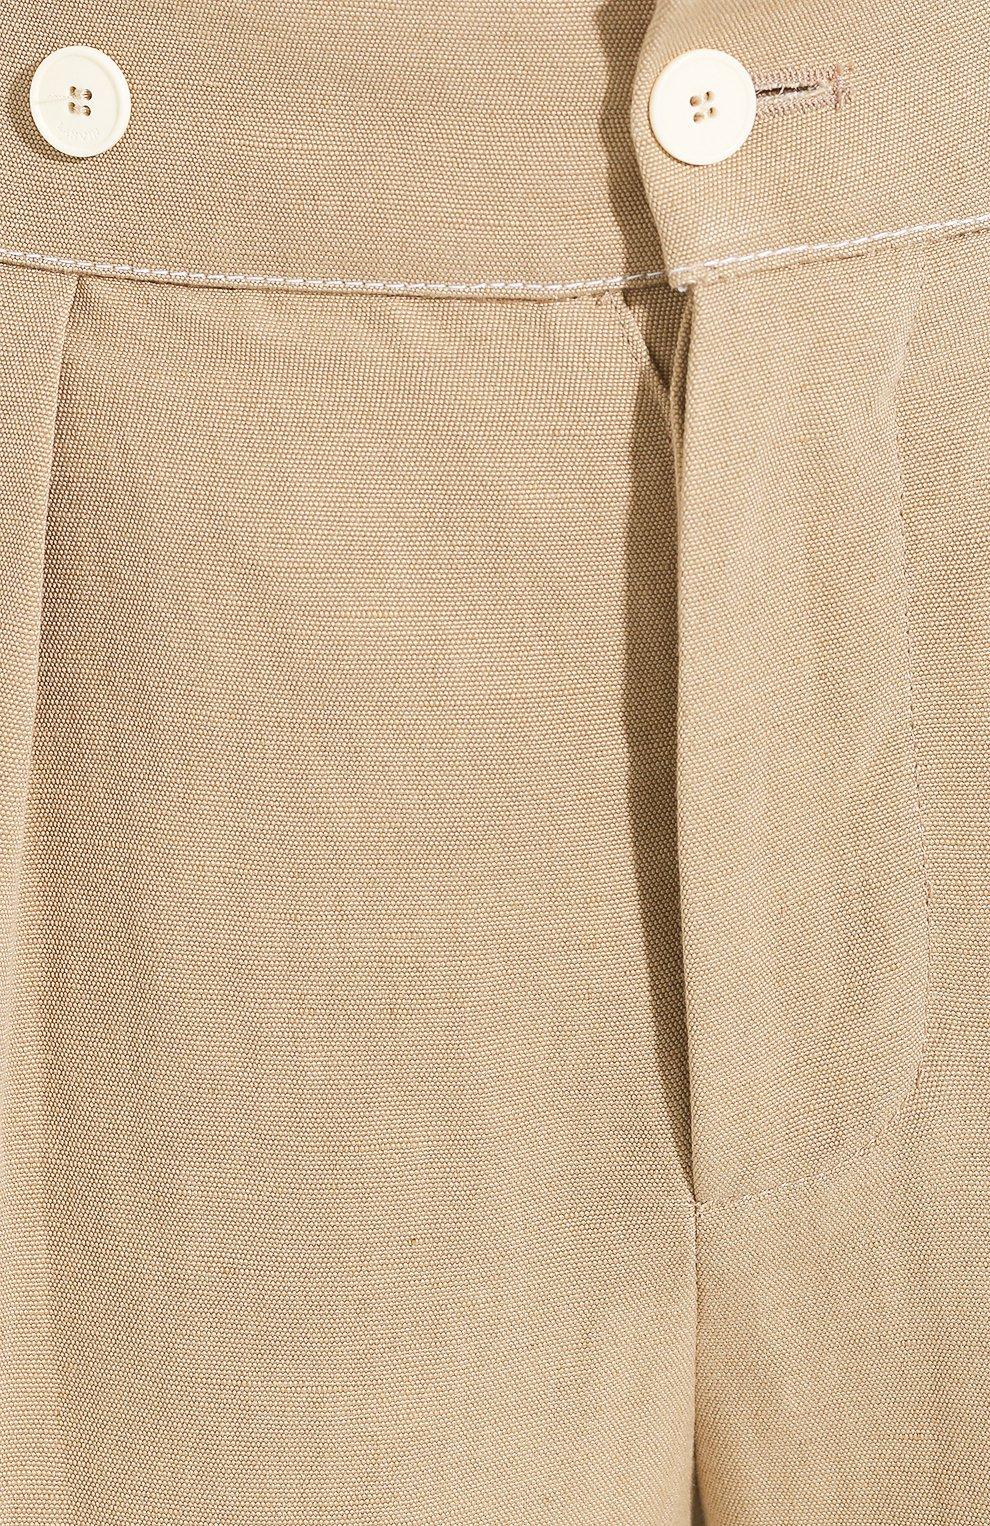 Женские брюки из смеси вискозы и льна LANVIN бежевого цвета, арт. RW-TR507U-4347-P20 | Фото 5